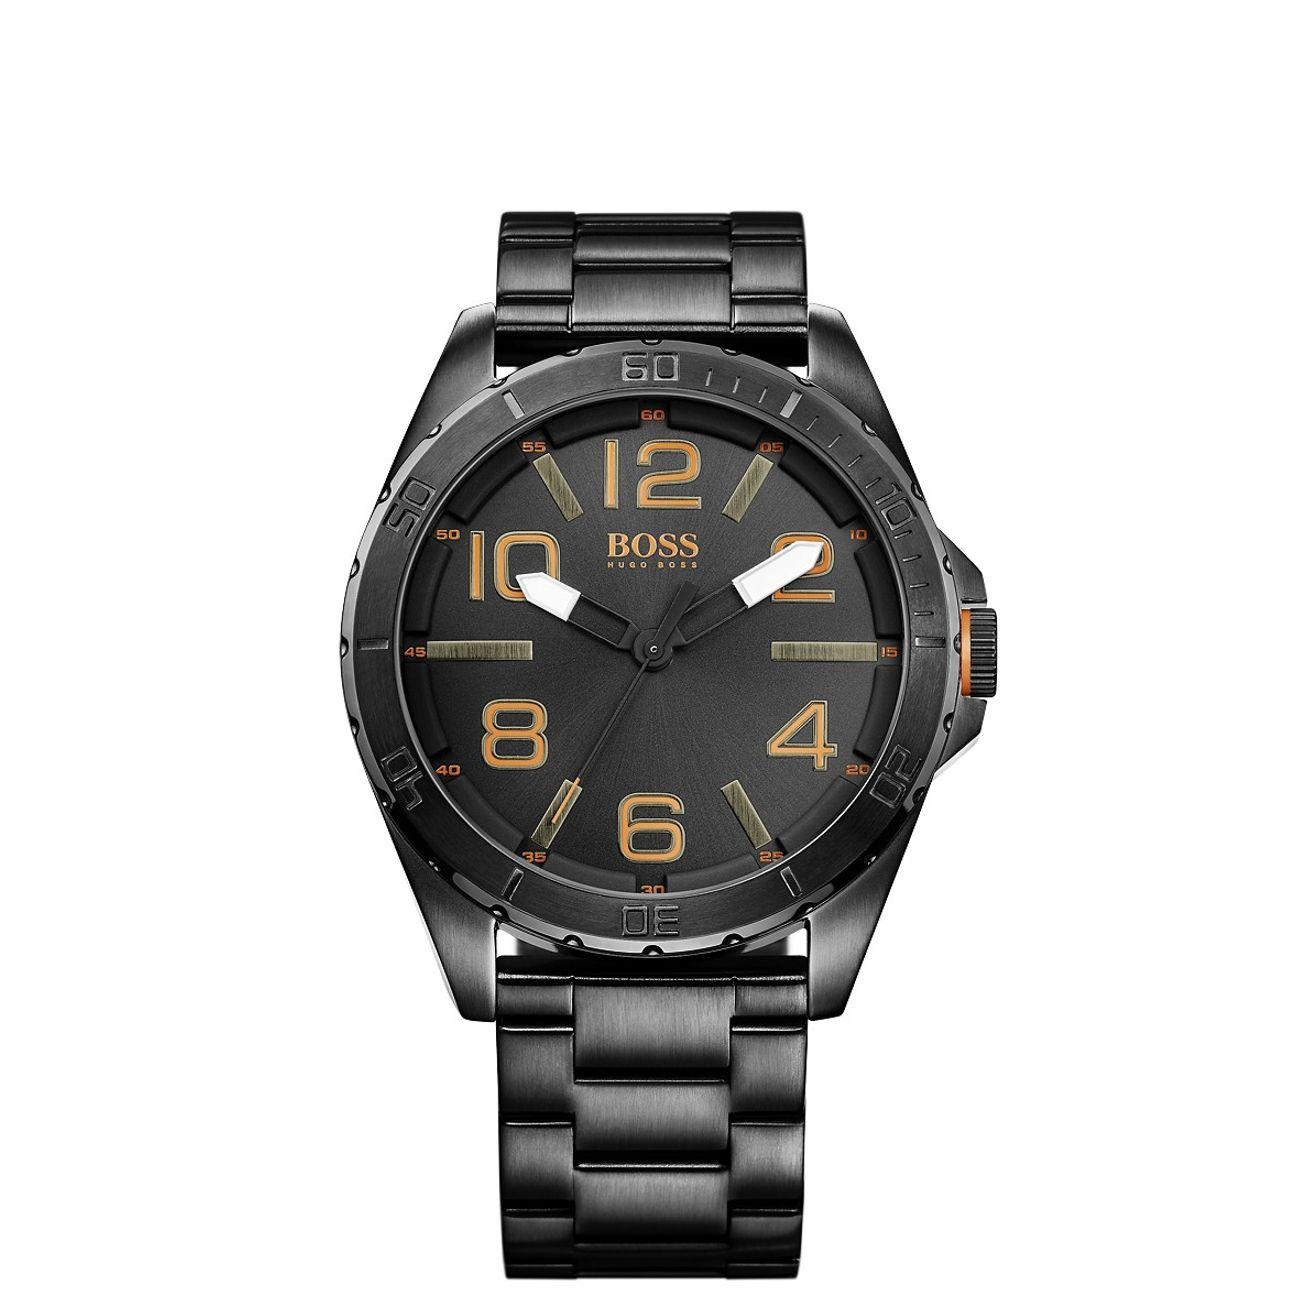 5ed833c18213 Hugo Boss Berlin - Style Watch